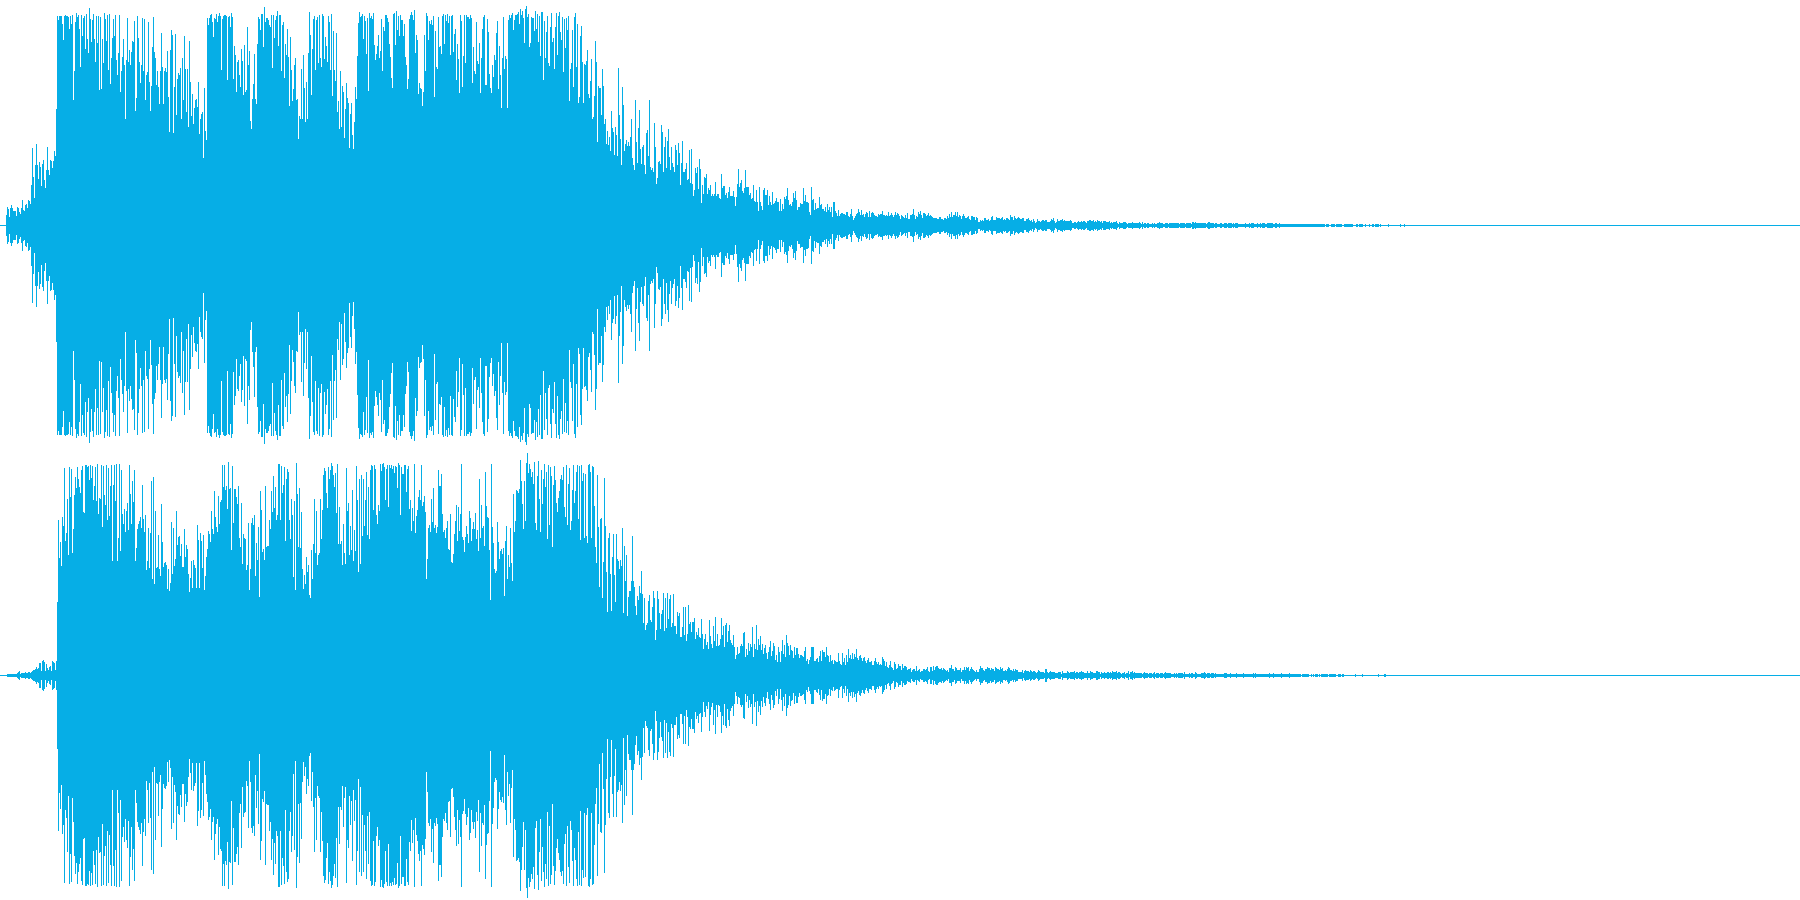 フルオーケストラのド派手なファンファーレの再生済みの波形